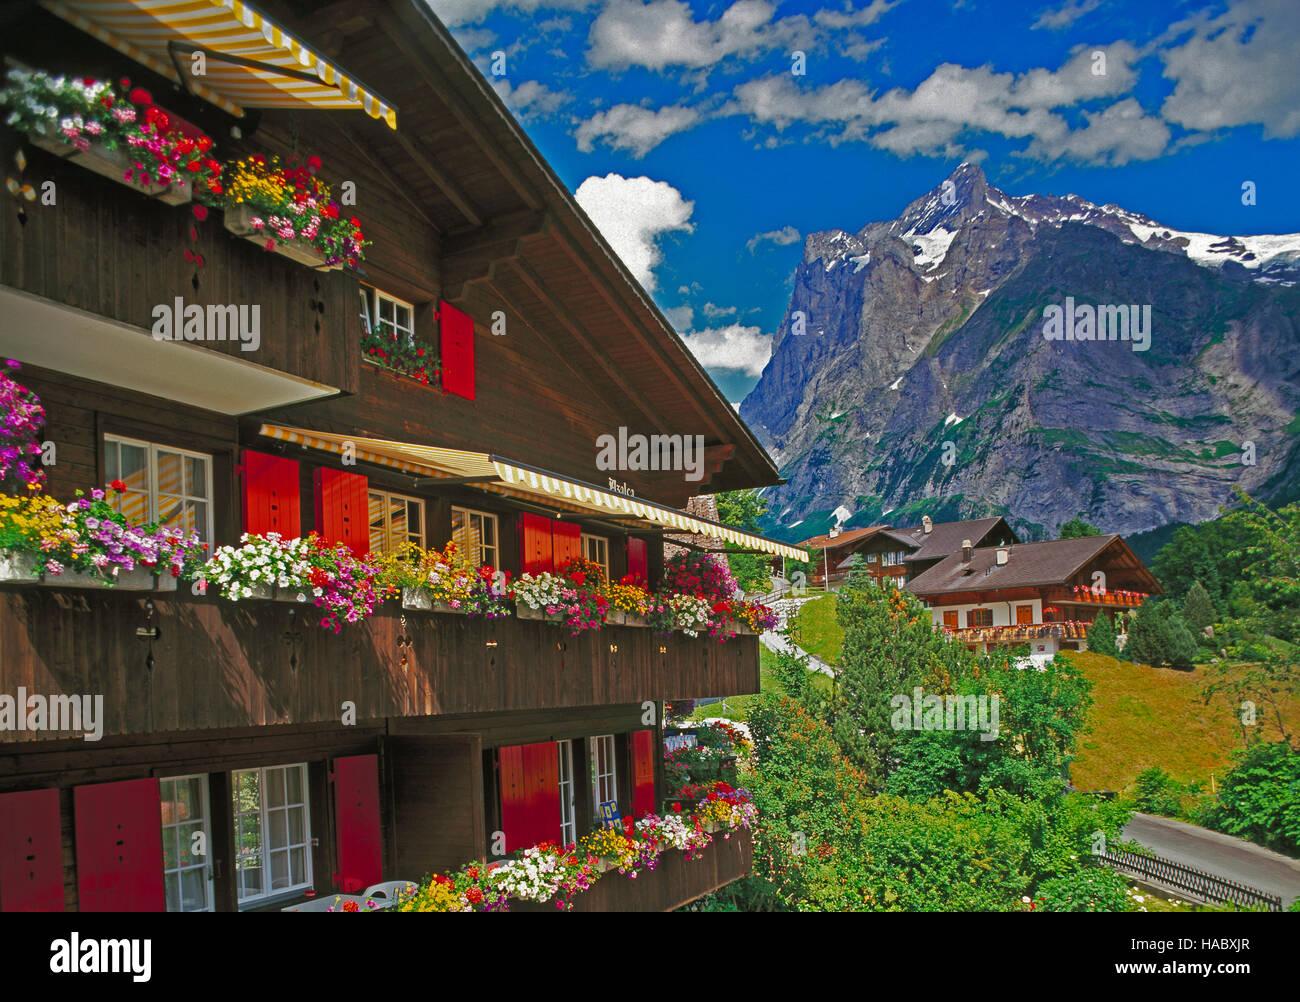 Wetterhorn und Chalet in Grindelwald, Berner Oberland, Schweiz Stockbild